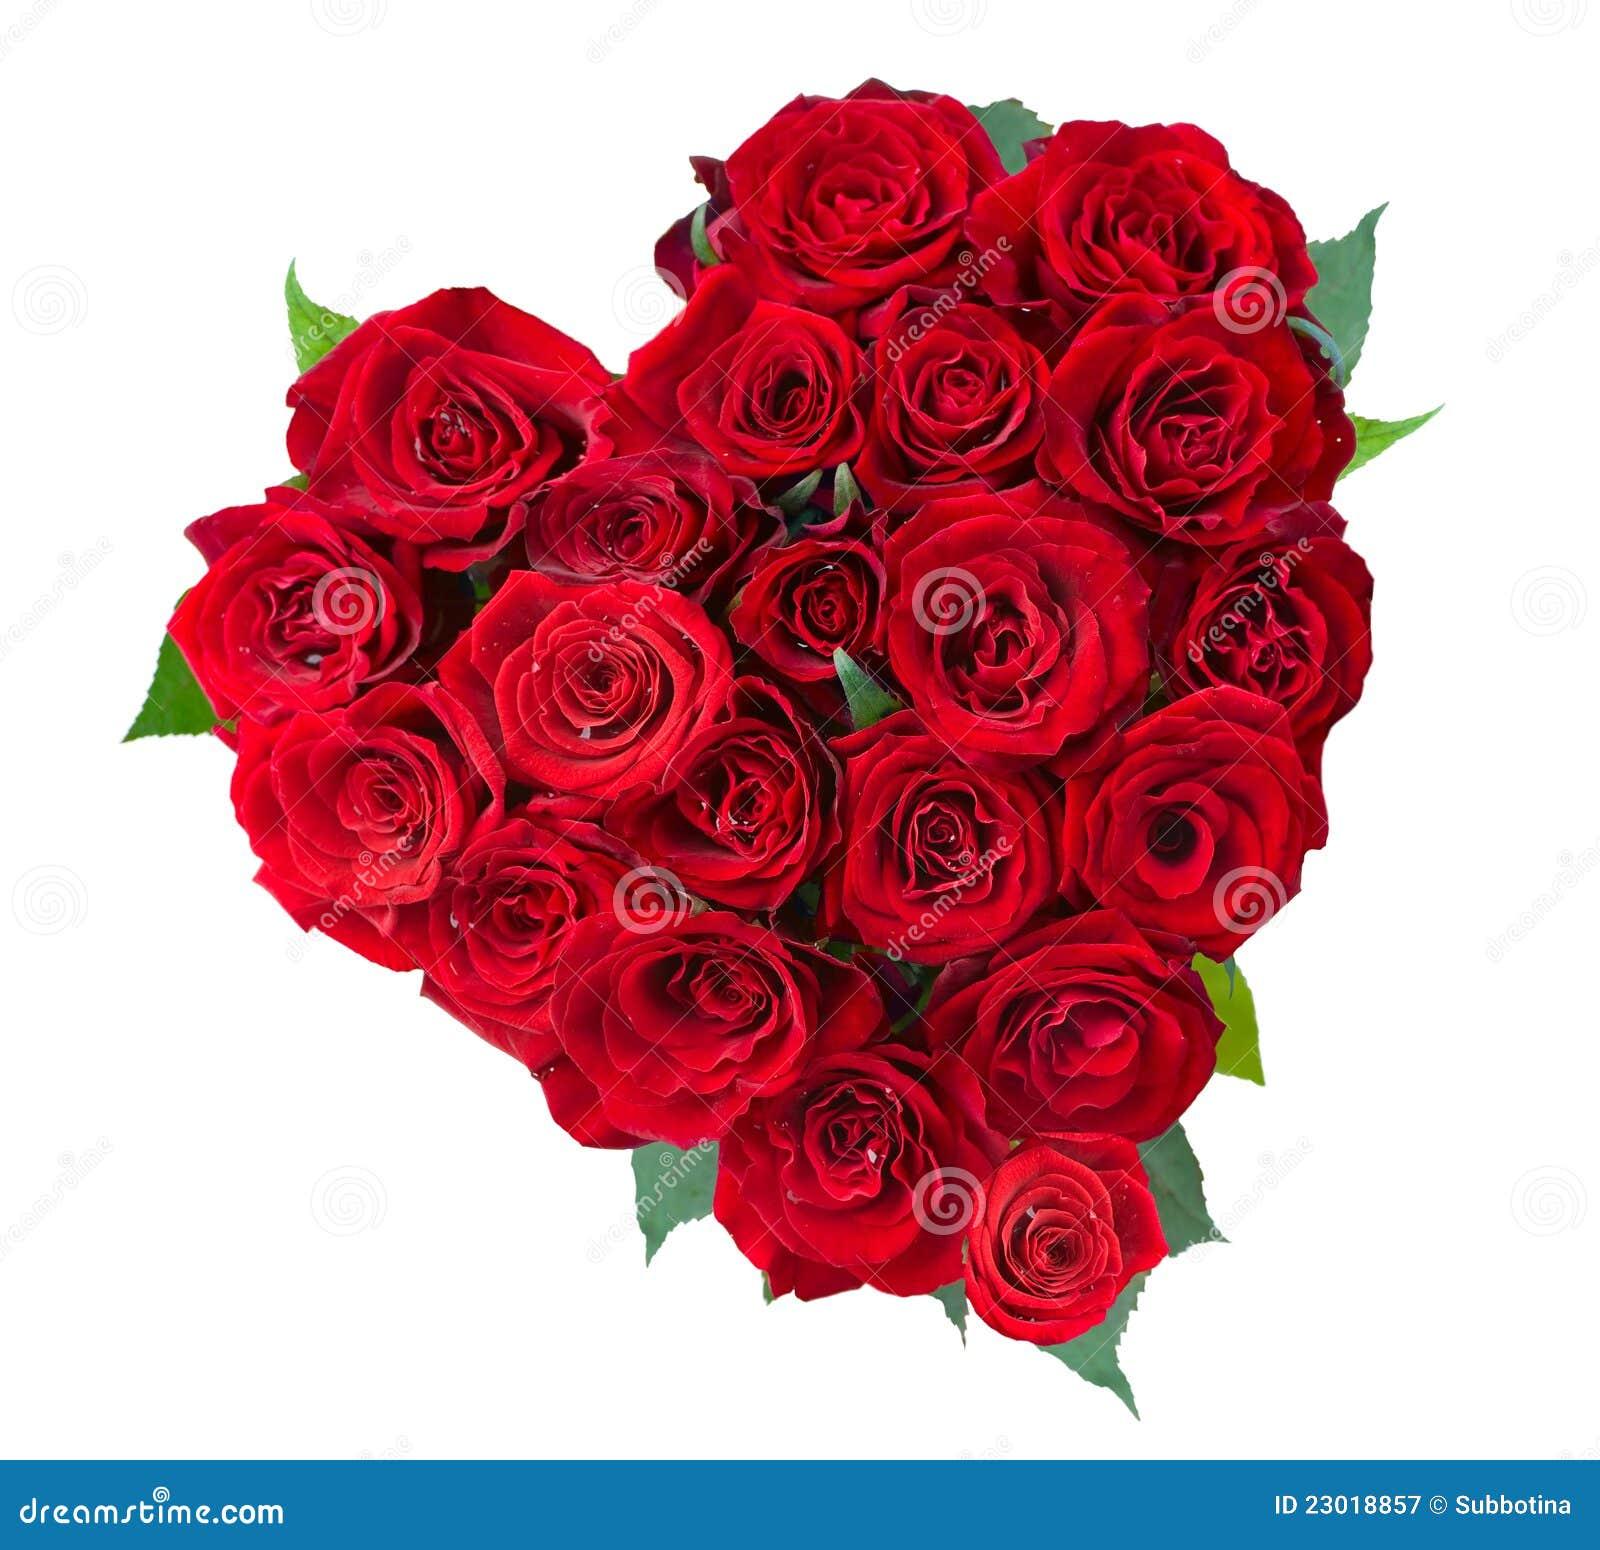 heart in flower - photo #17